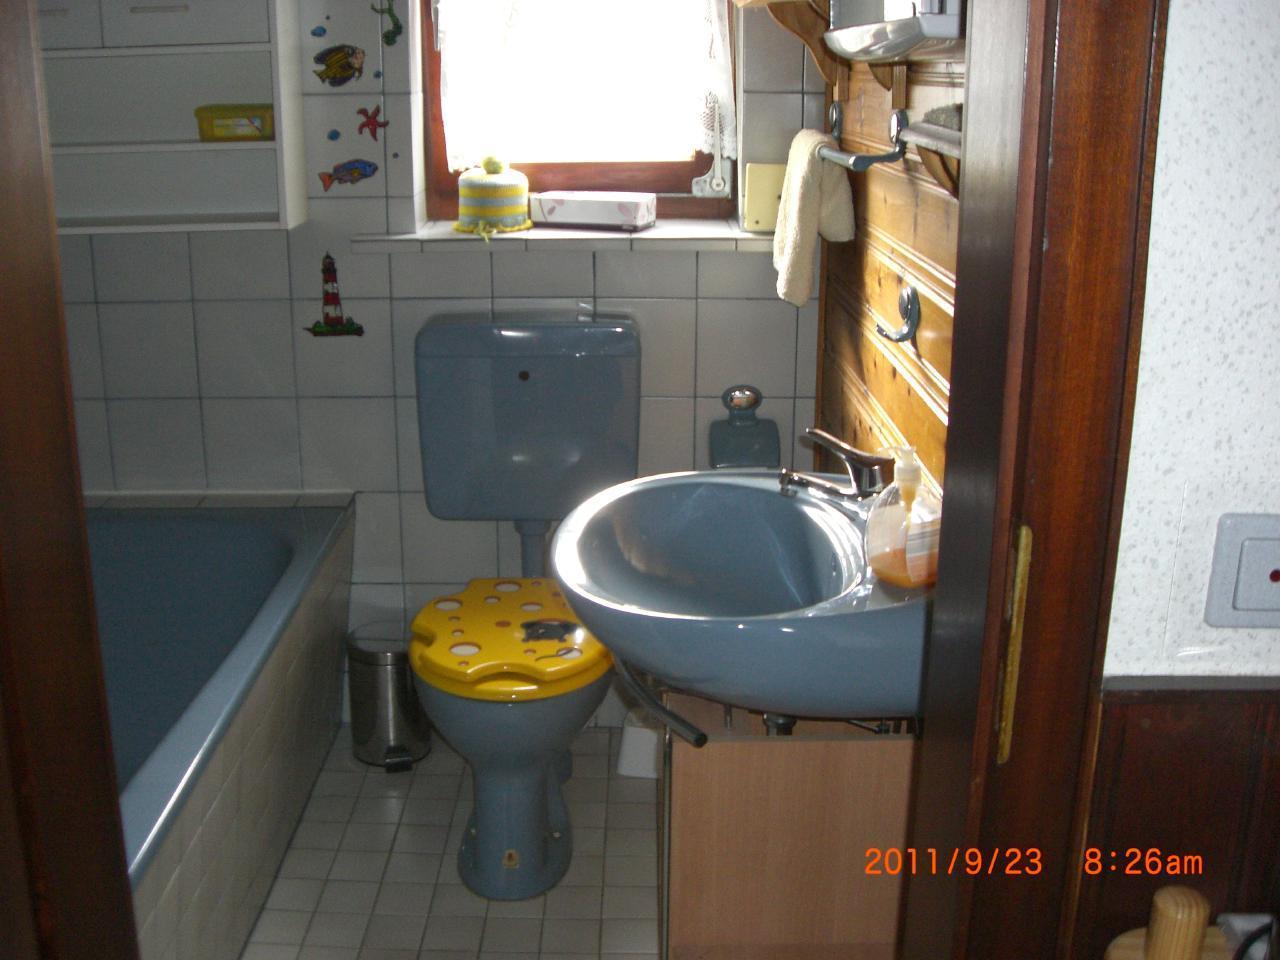 Ferienwohnung Ferienwohnung (276493), Spesenroth, Hunsrück, Rheinland-Pfalz, Deutschland, Bild 20